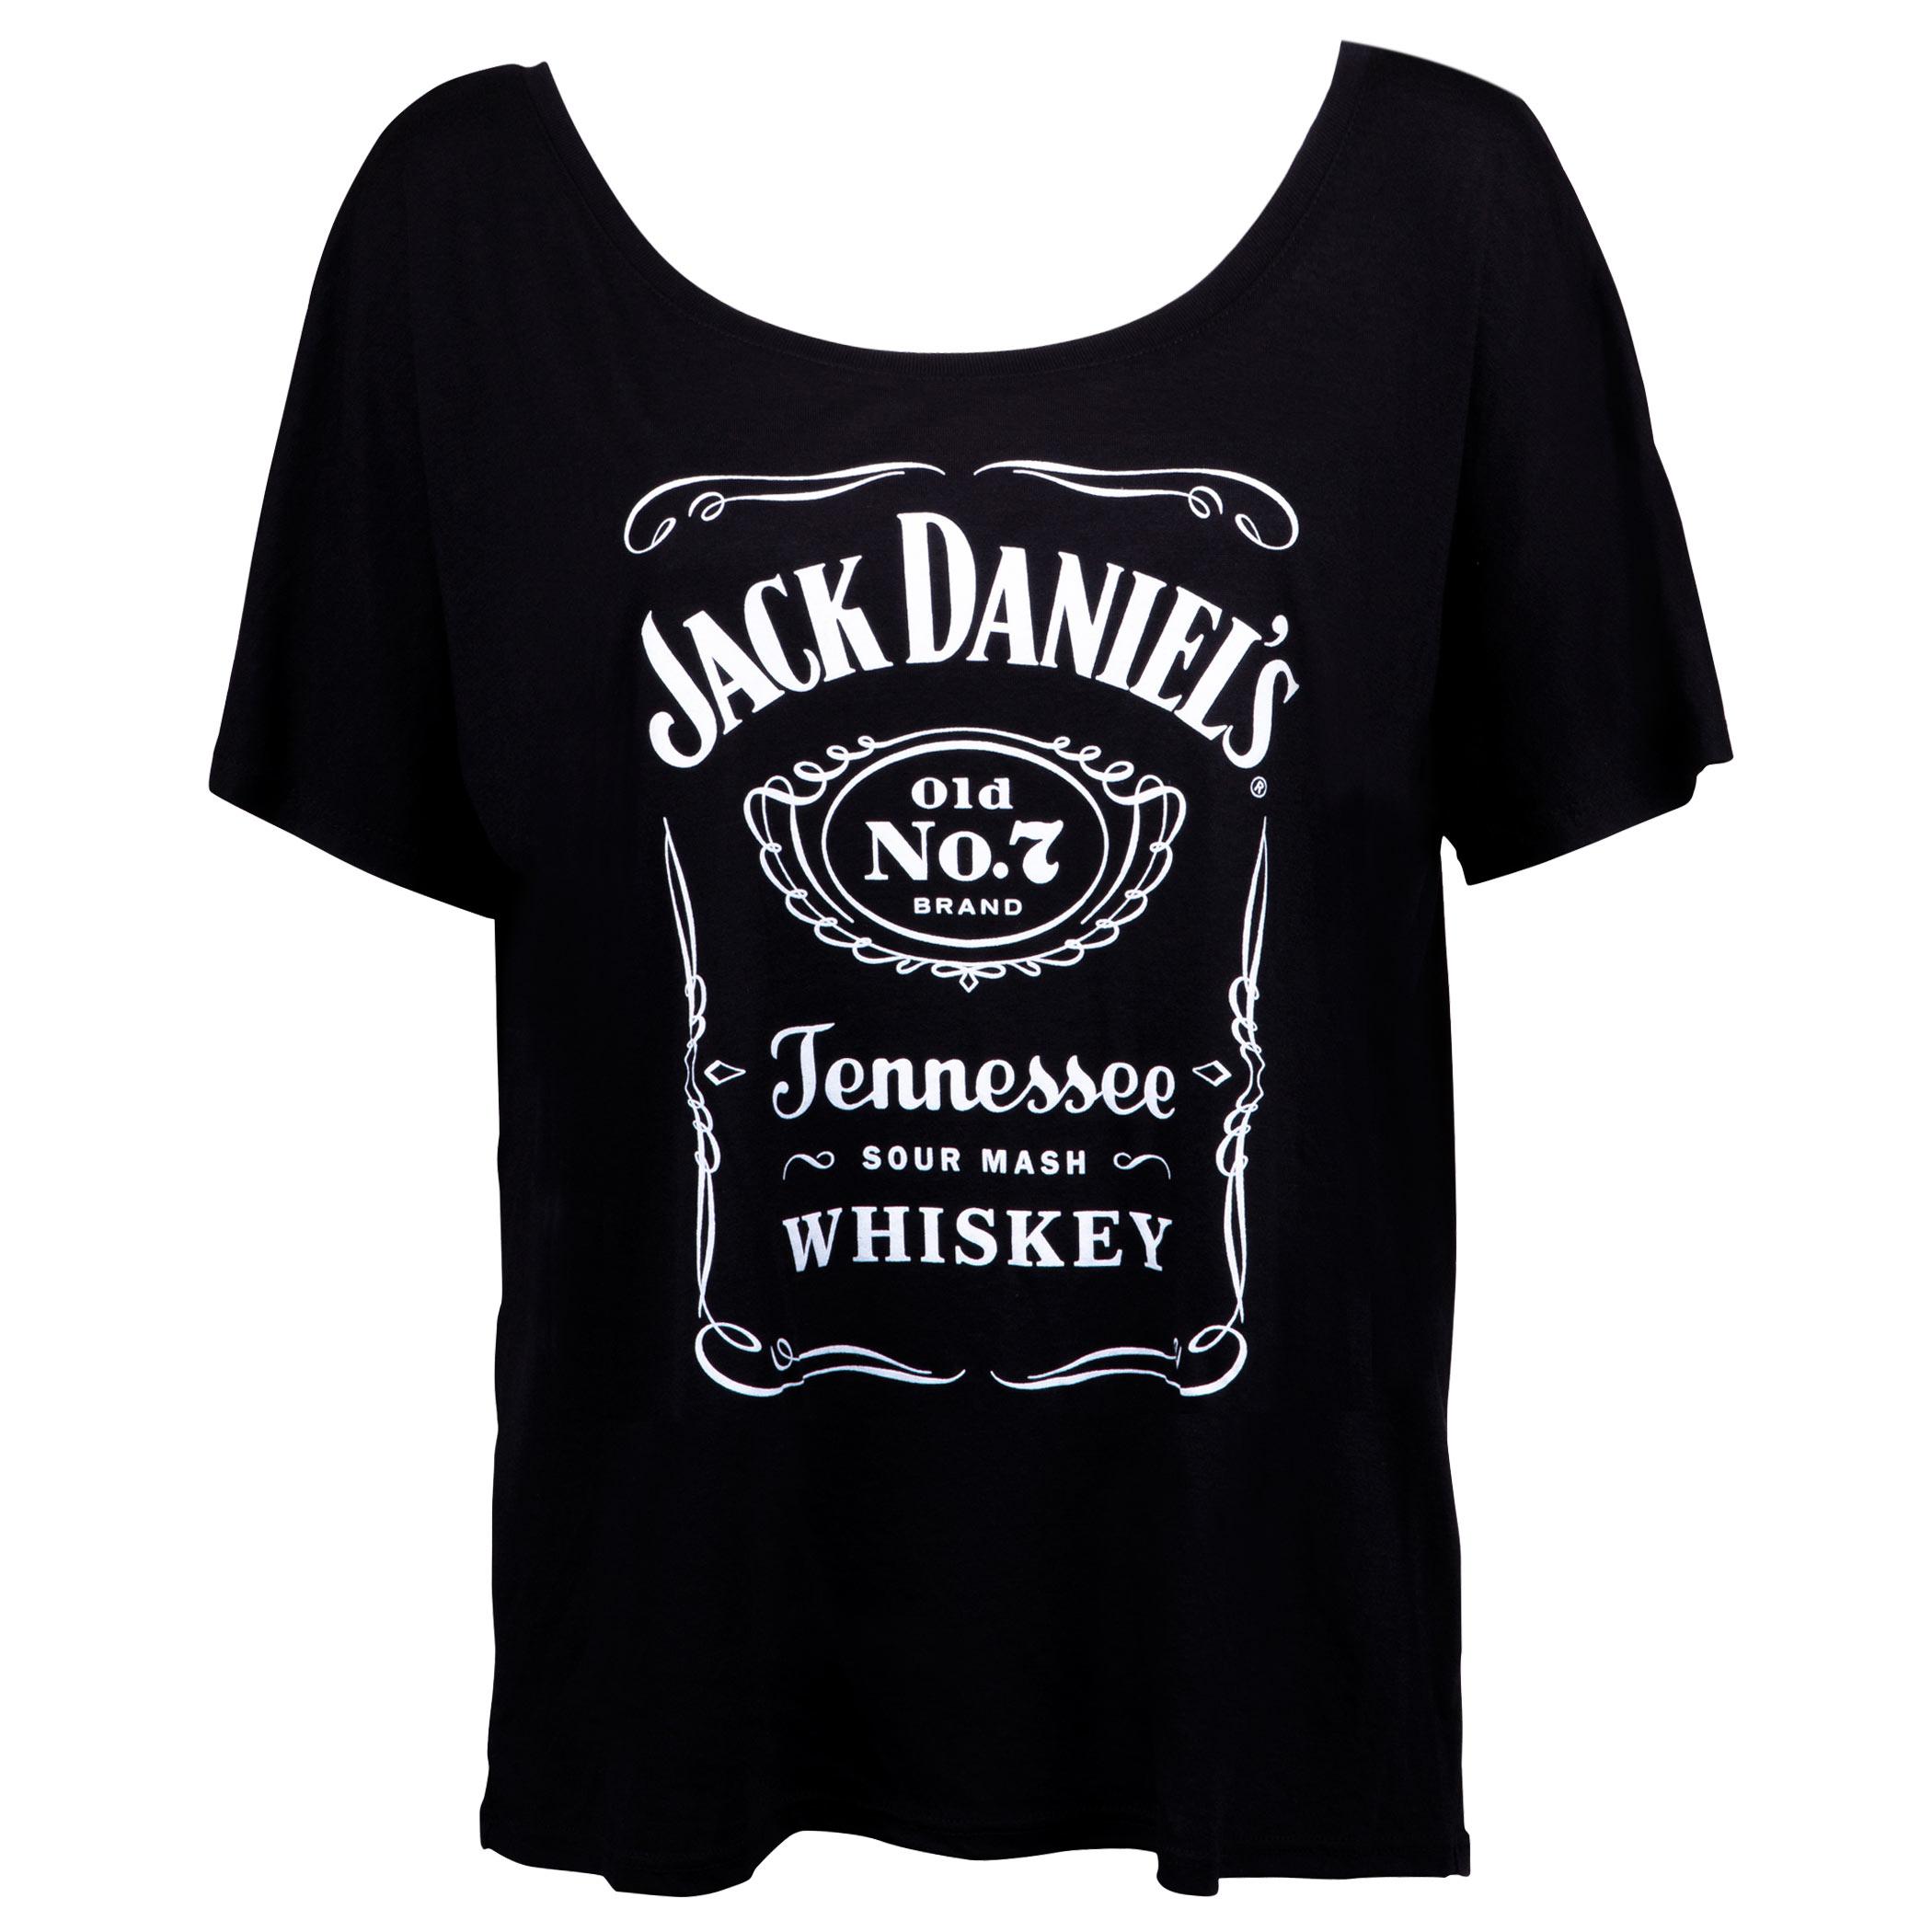 Jack Daniels Bottle Label Loose Fit Women's  Tshirt